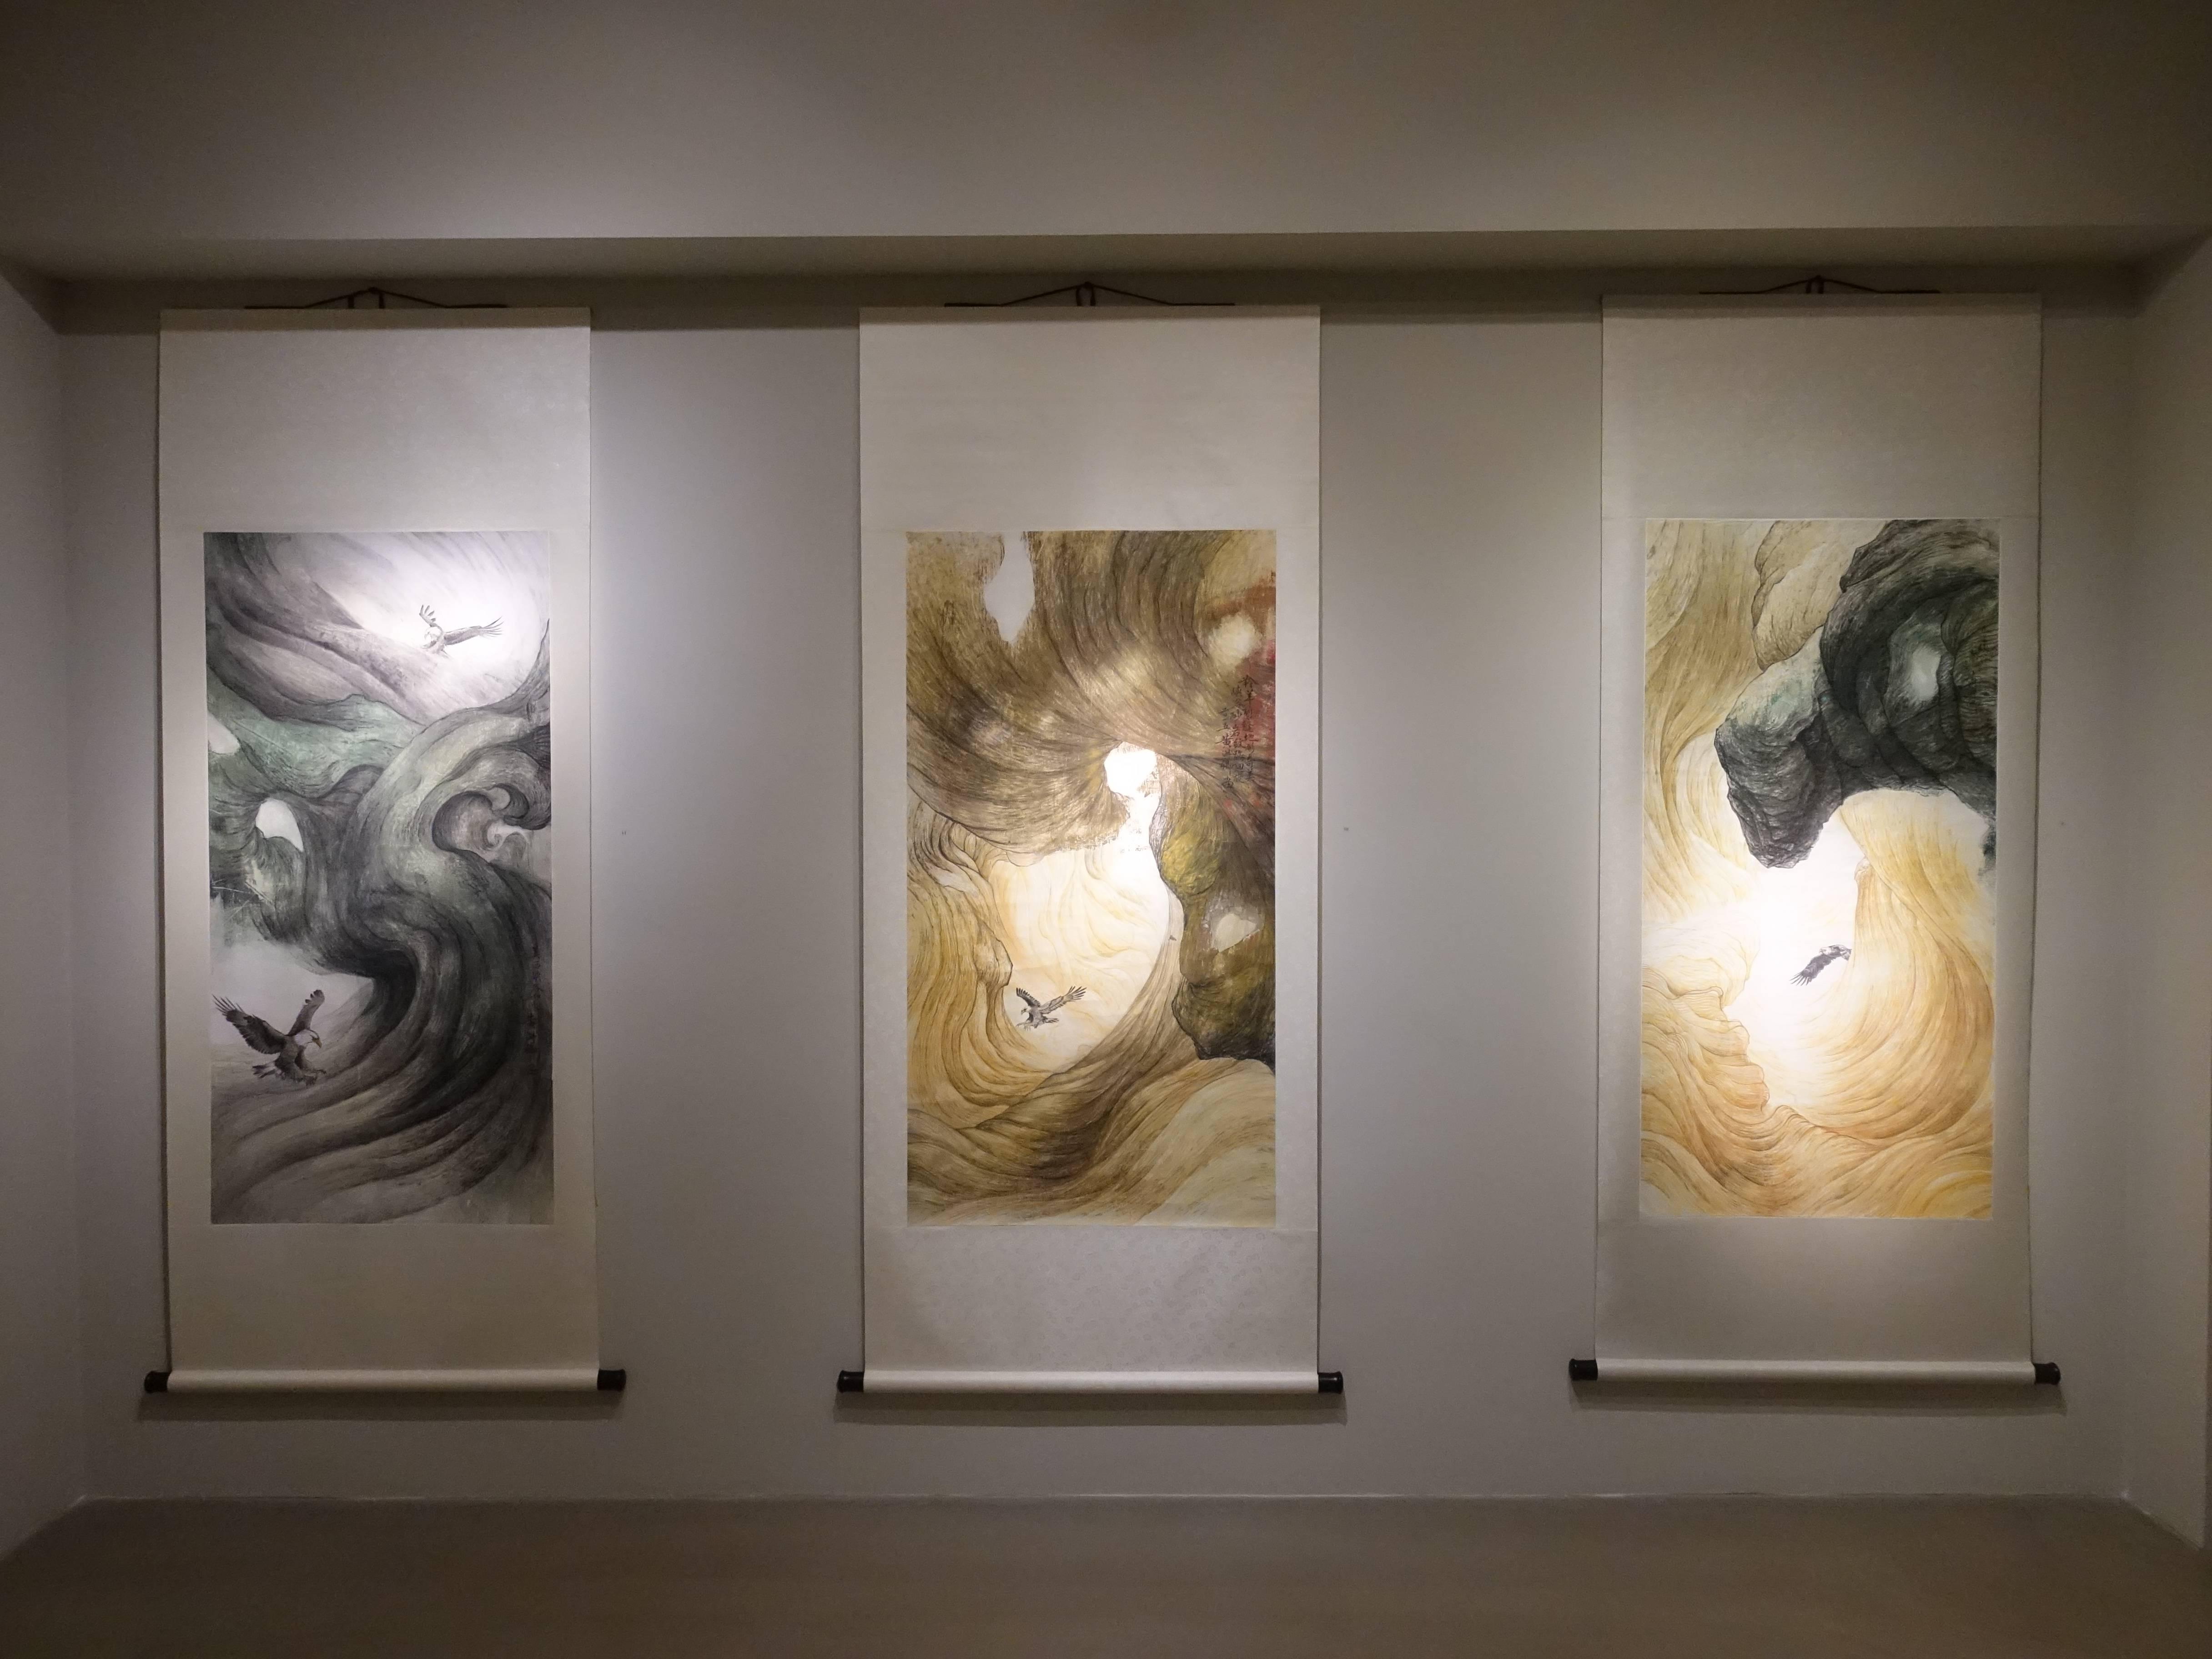 黃淑卿,《峽谷意象》系列,200 x 77 cm,紙本、水印木板,2015。